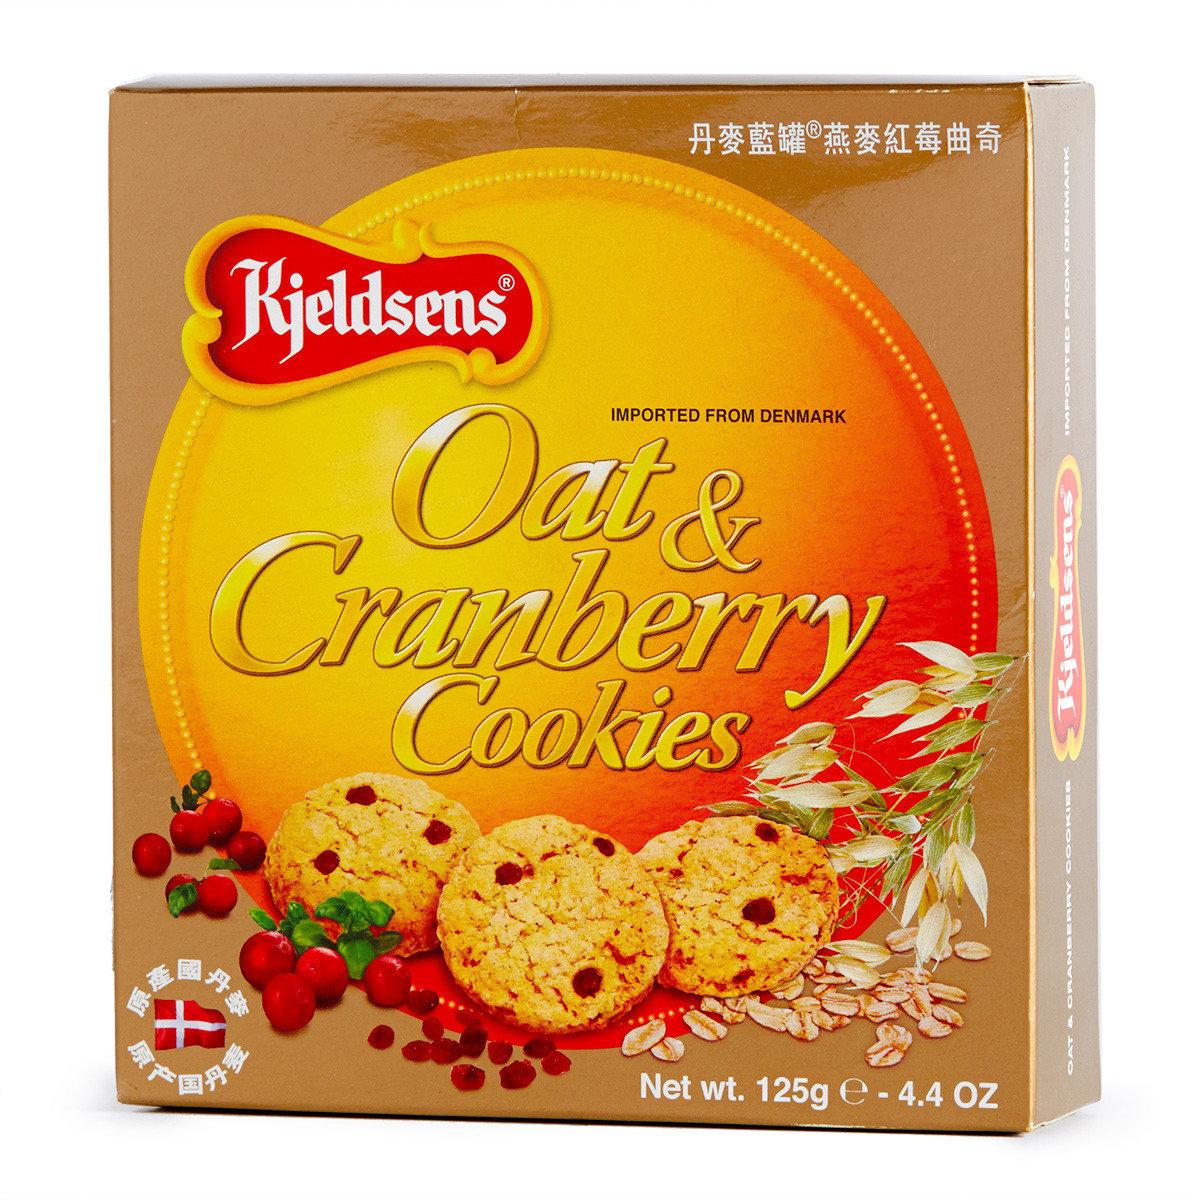 燕麥紅莓曲奇紙盒裝